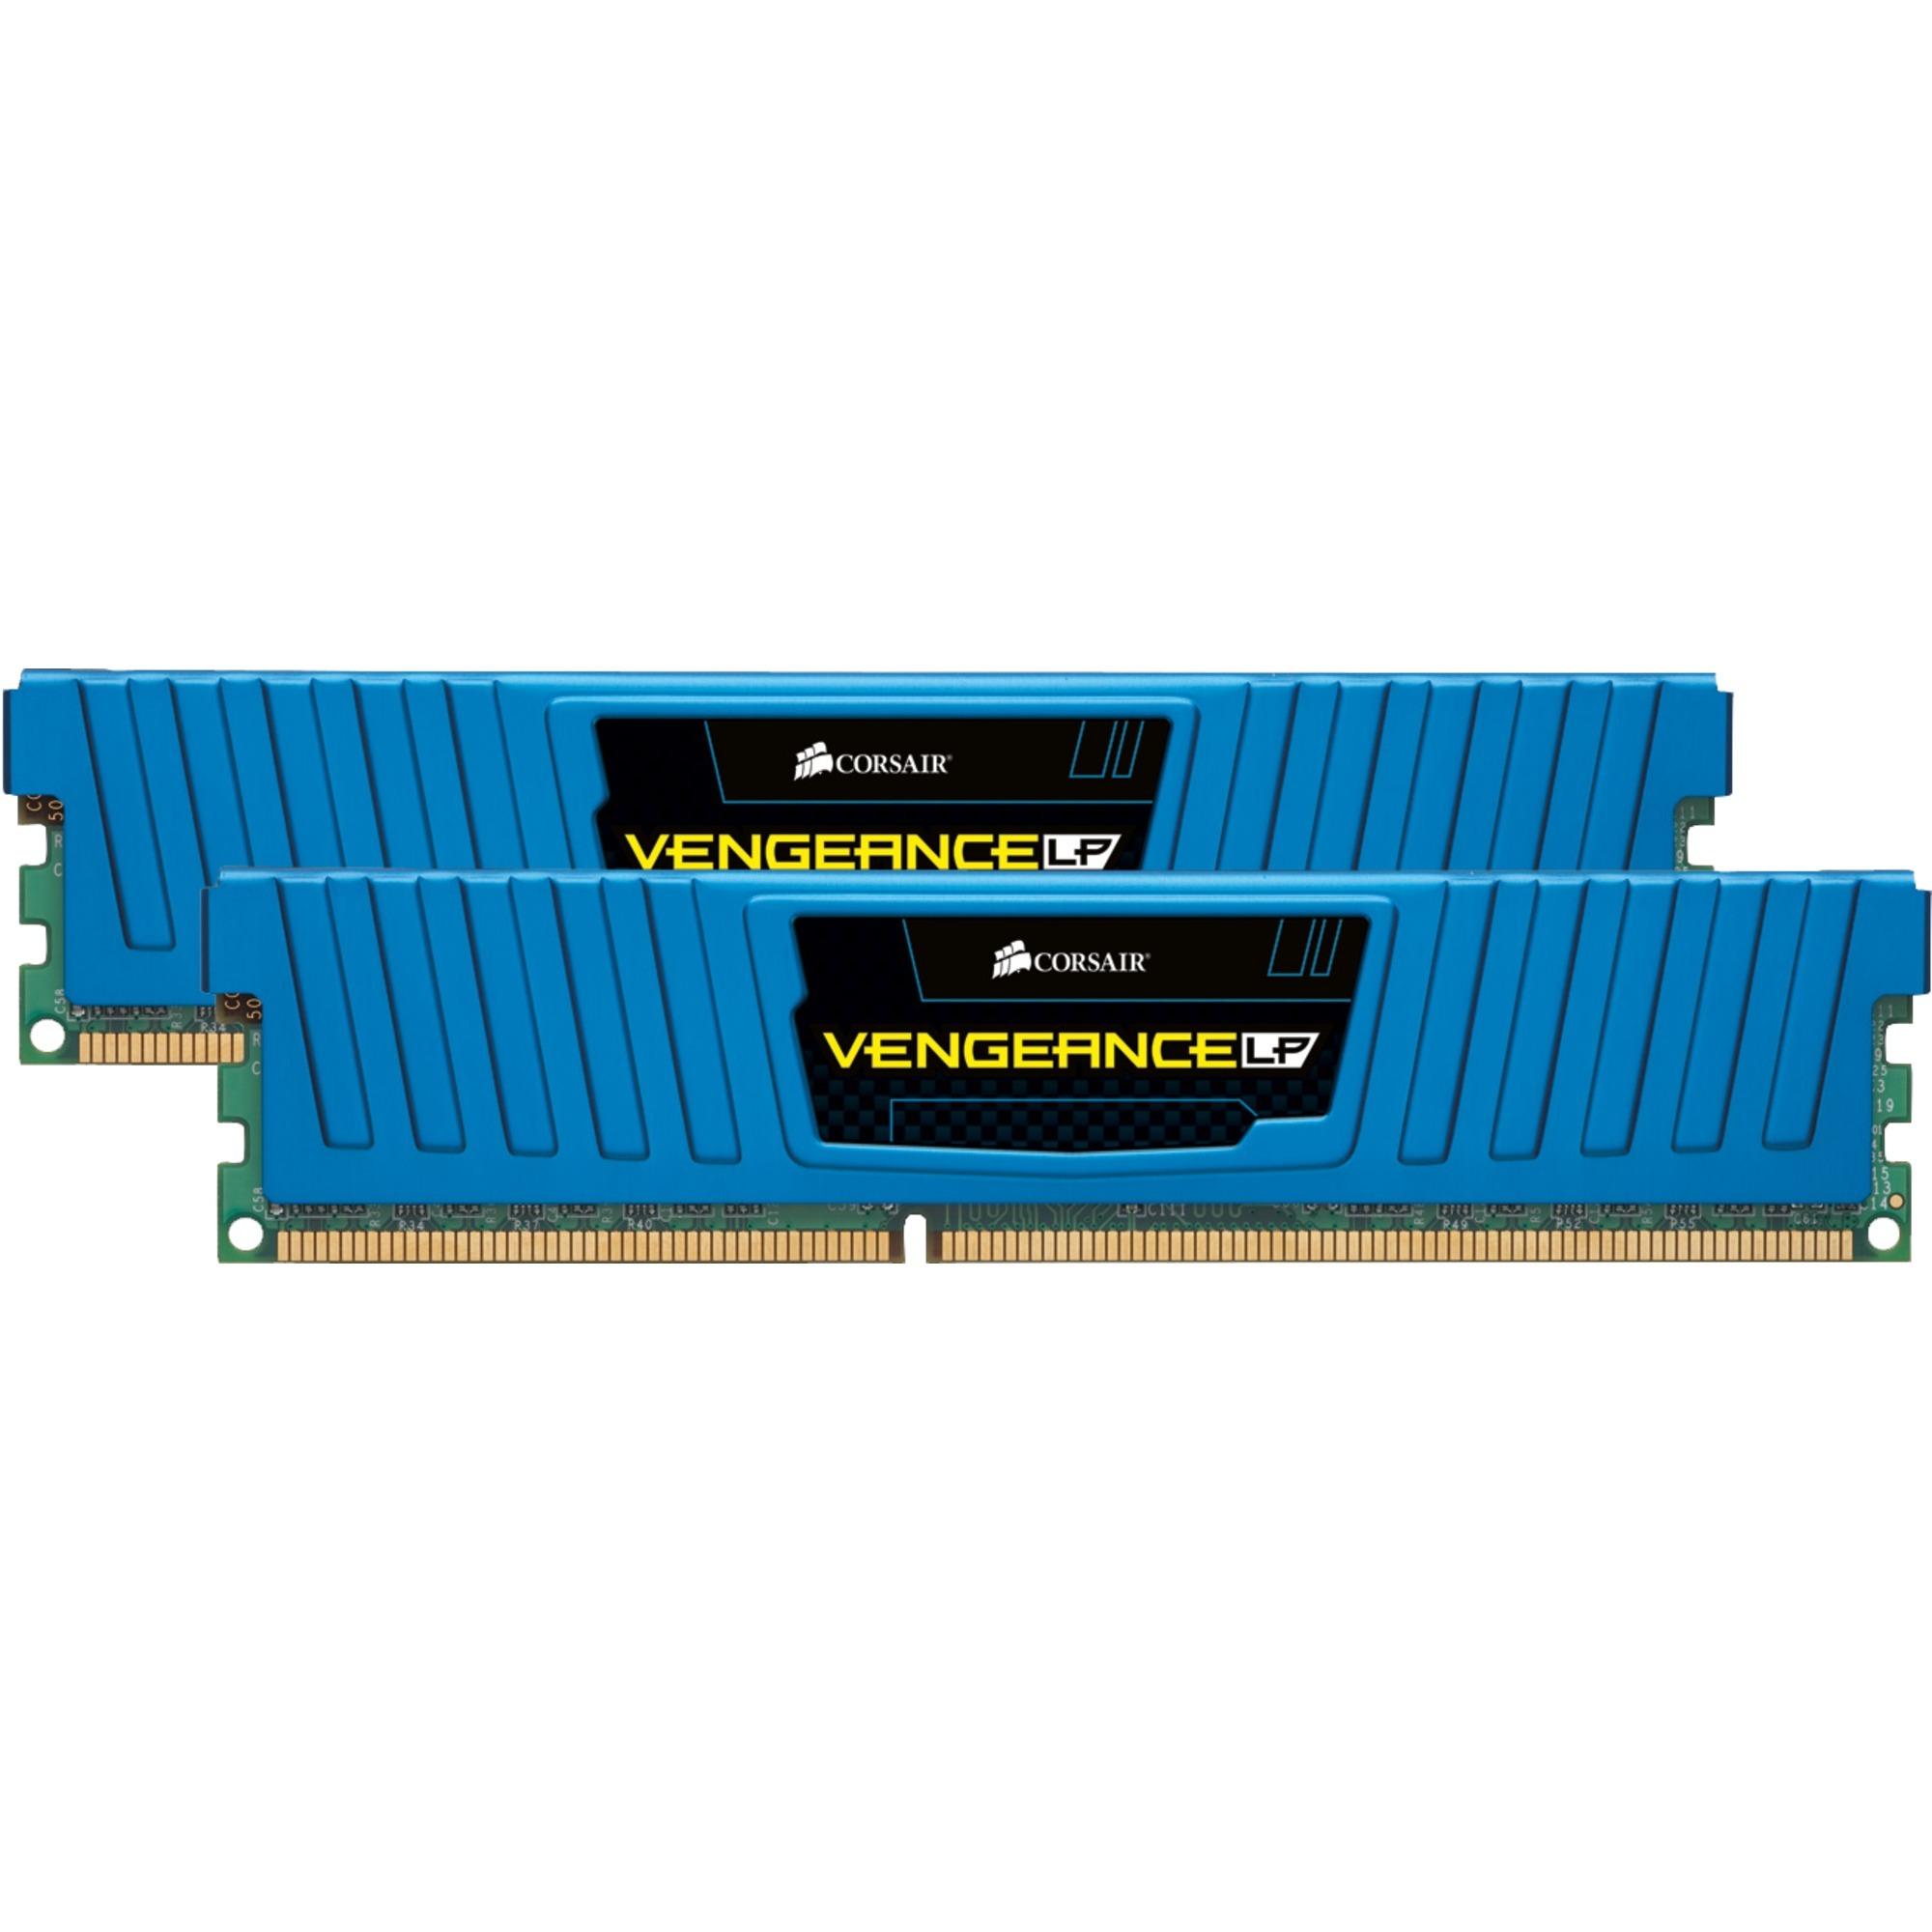 16Go DDR4-3000 Vengeance LPX bu K2